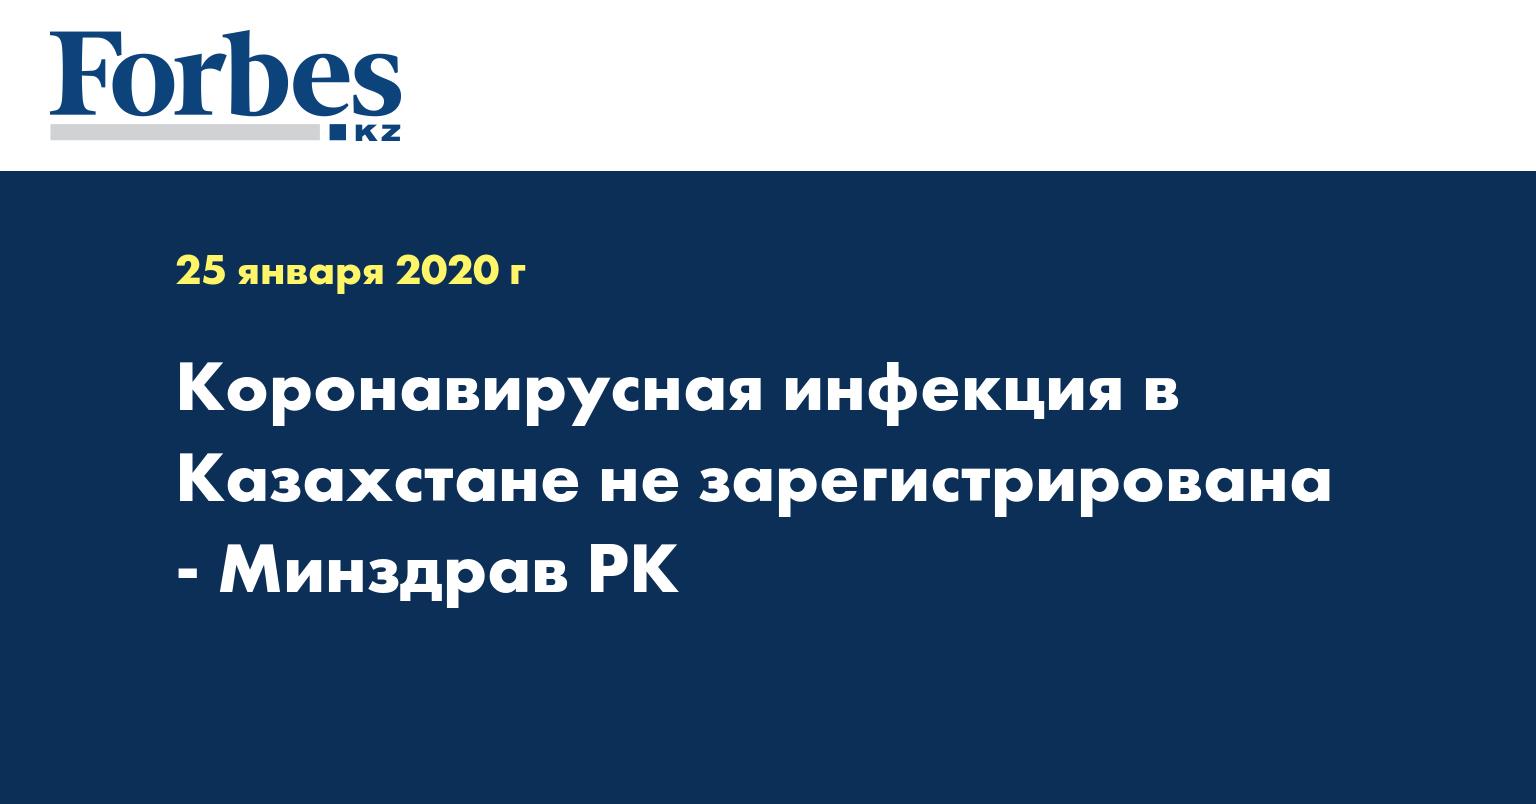 Коронавирусная инфекция в Казахстане не зарегистрирована - Минздрав РК